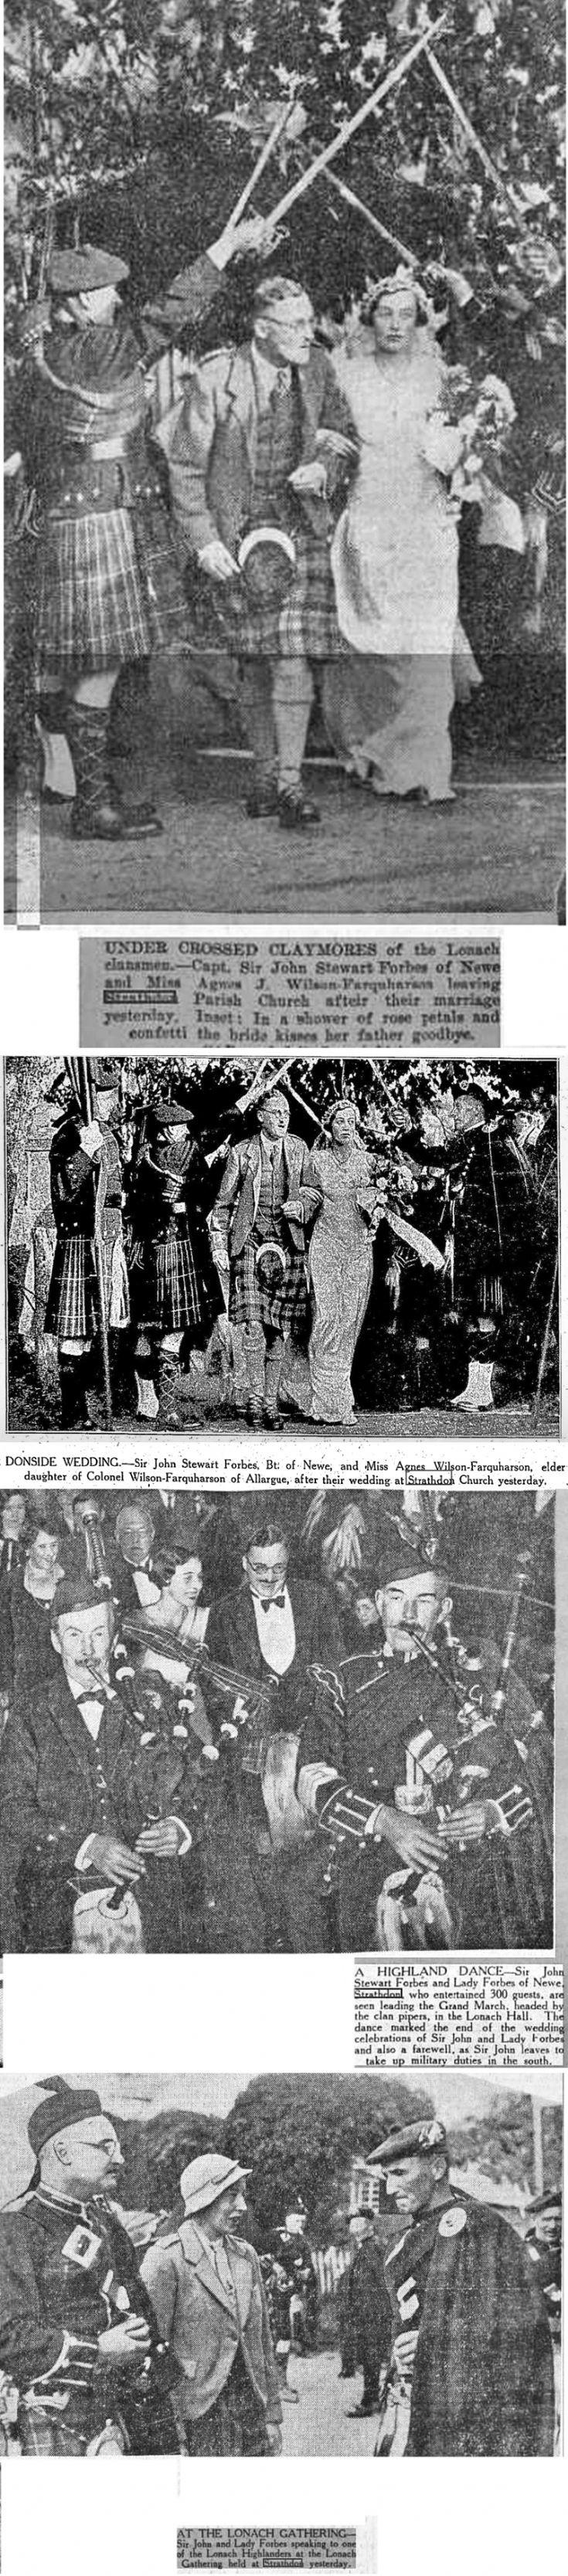 24 Wedding of Sir John Forbes 1933